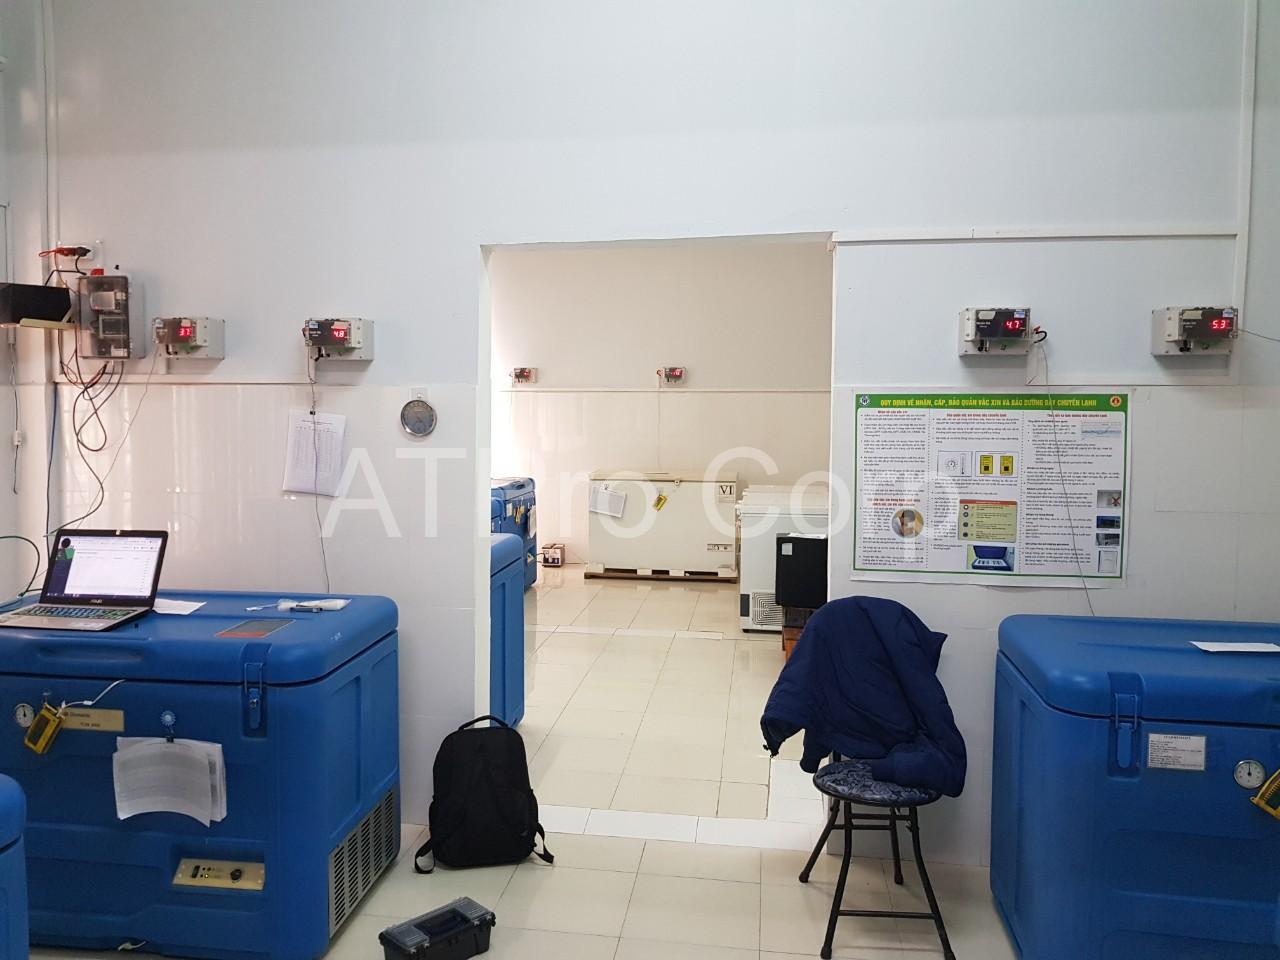 hệ thống cảnh báo theo dõi nhiệt độ kho vaccine - lắp đặt